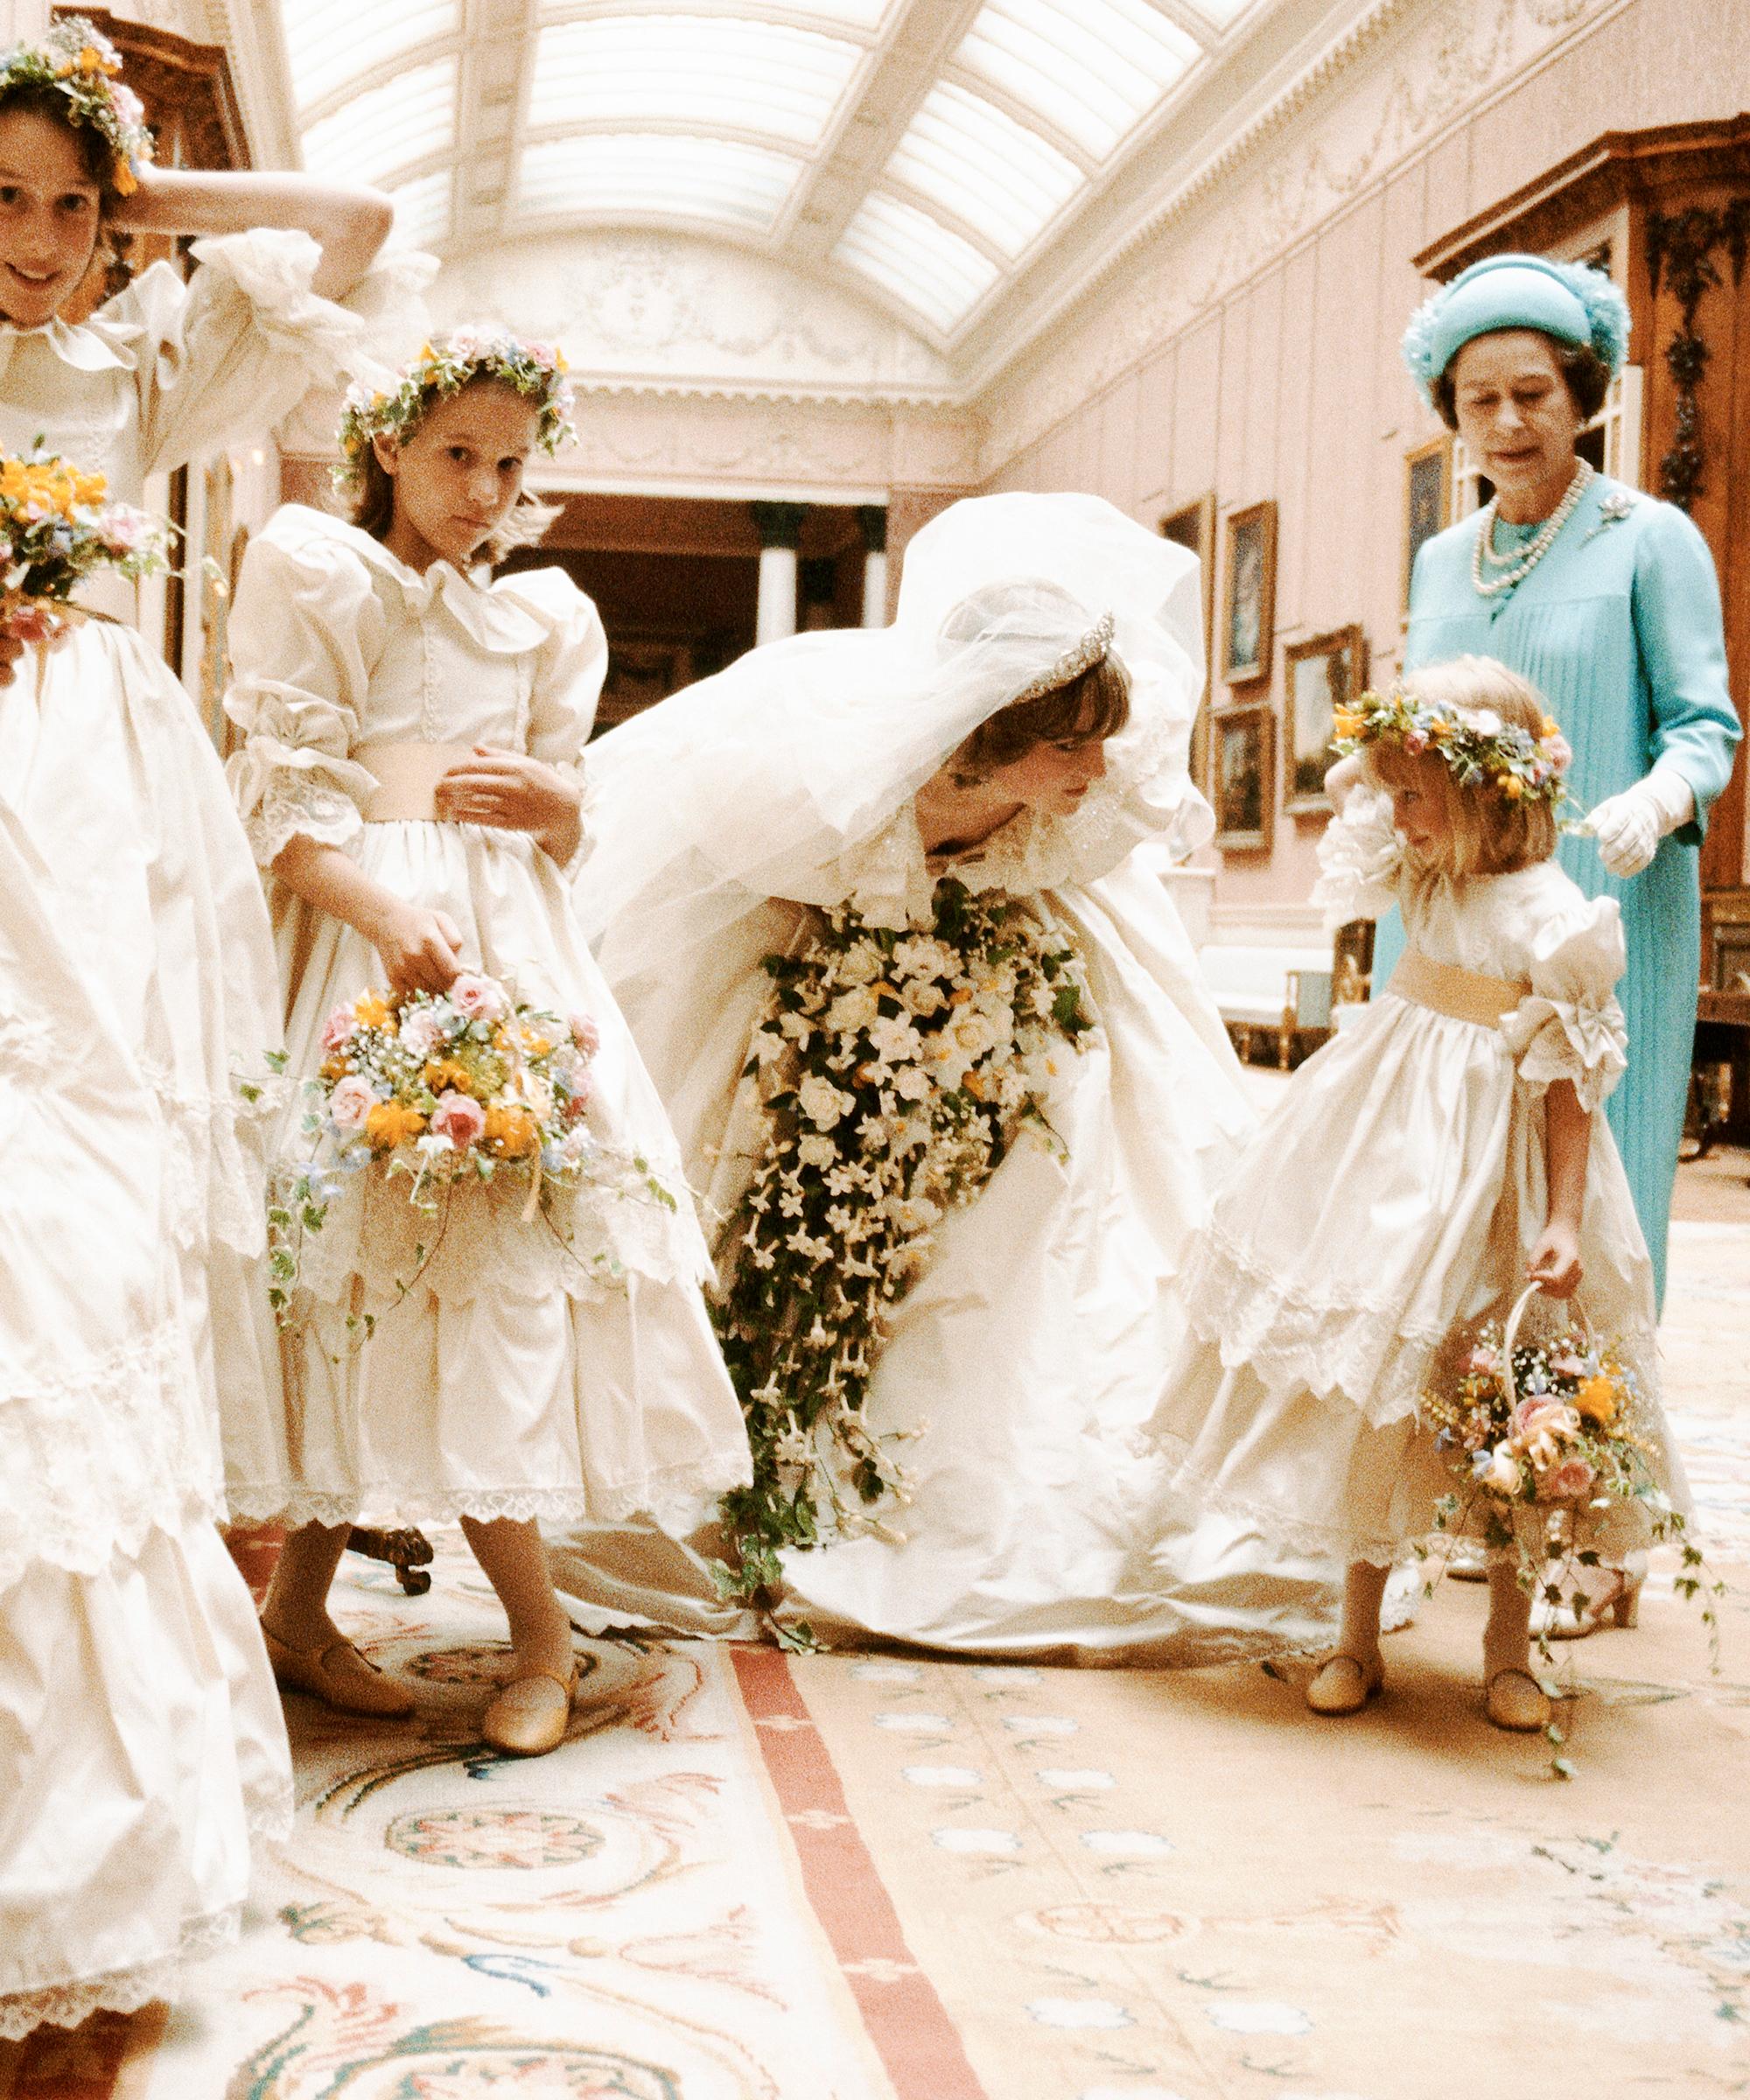 35 Jahre Royal Wedding Die Hochzeit Von Prince Charles Lady Di In Zahlen Refinery29 Http Www Refiner Prinzessin Diana Hochzeit Royale Hochzeiten Lady Di